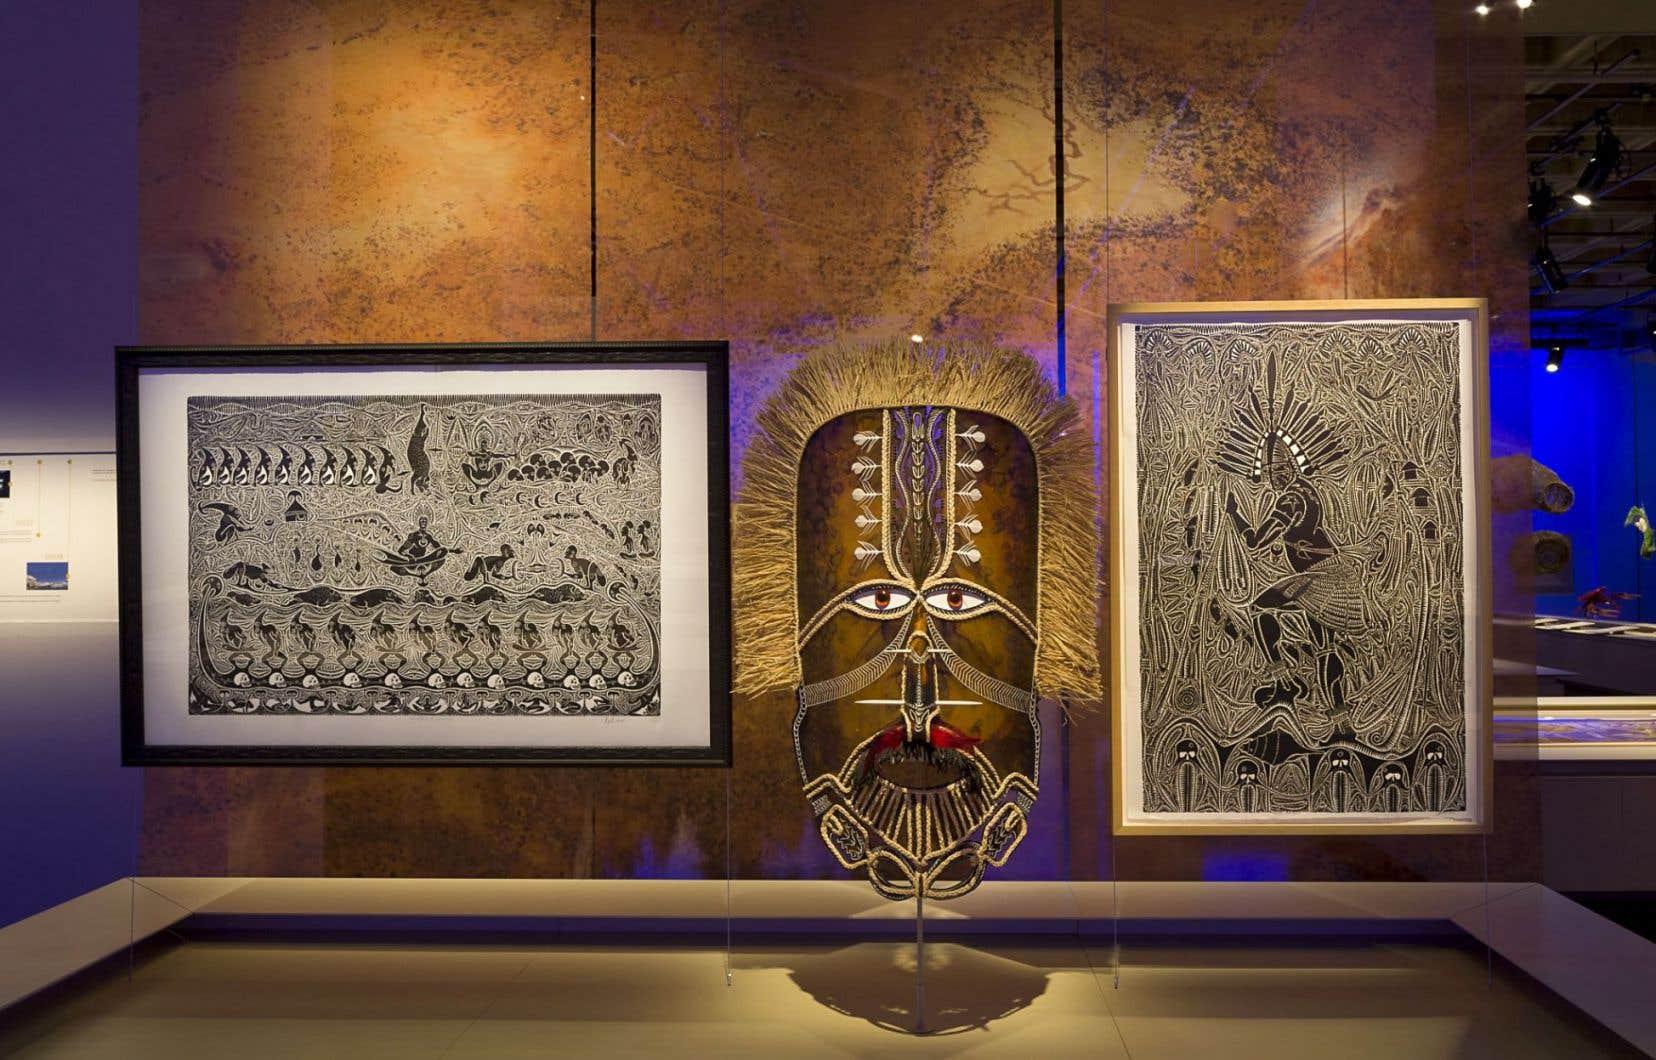 L'exposition reflète le rapport intrinsèque que les autochtones, artistes ou pas, entretiennent avec leur environnement.